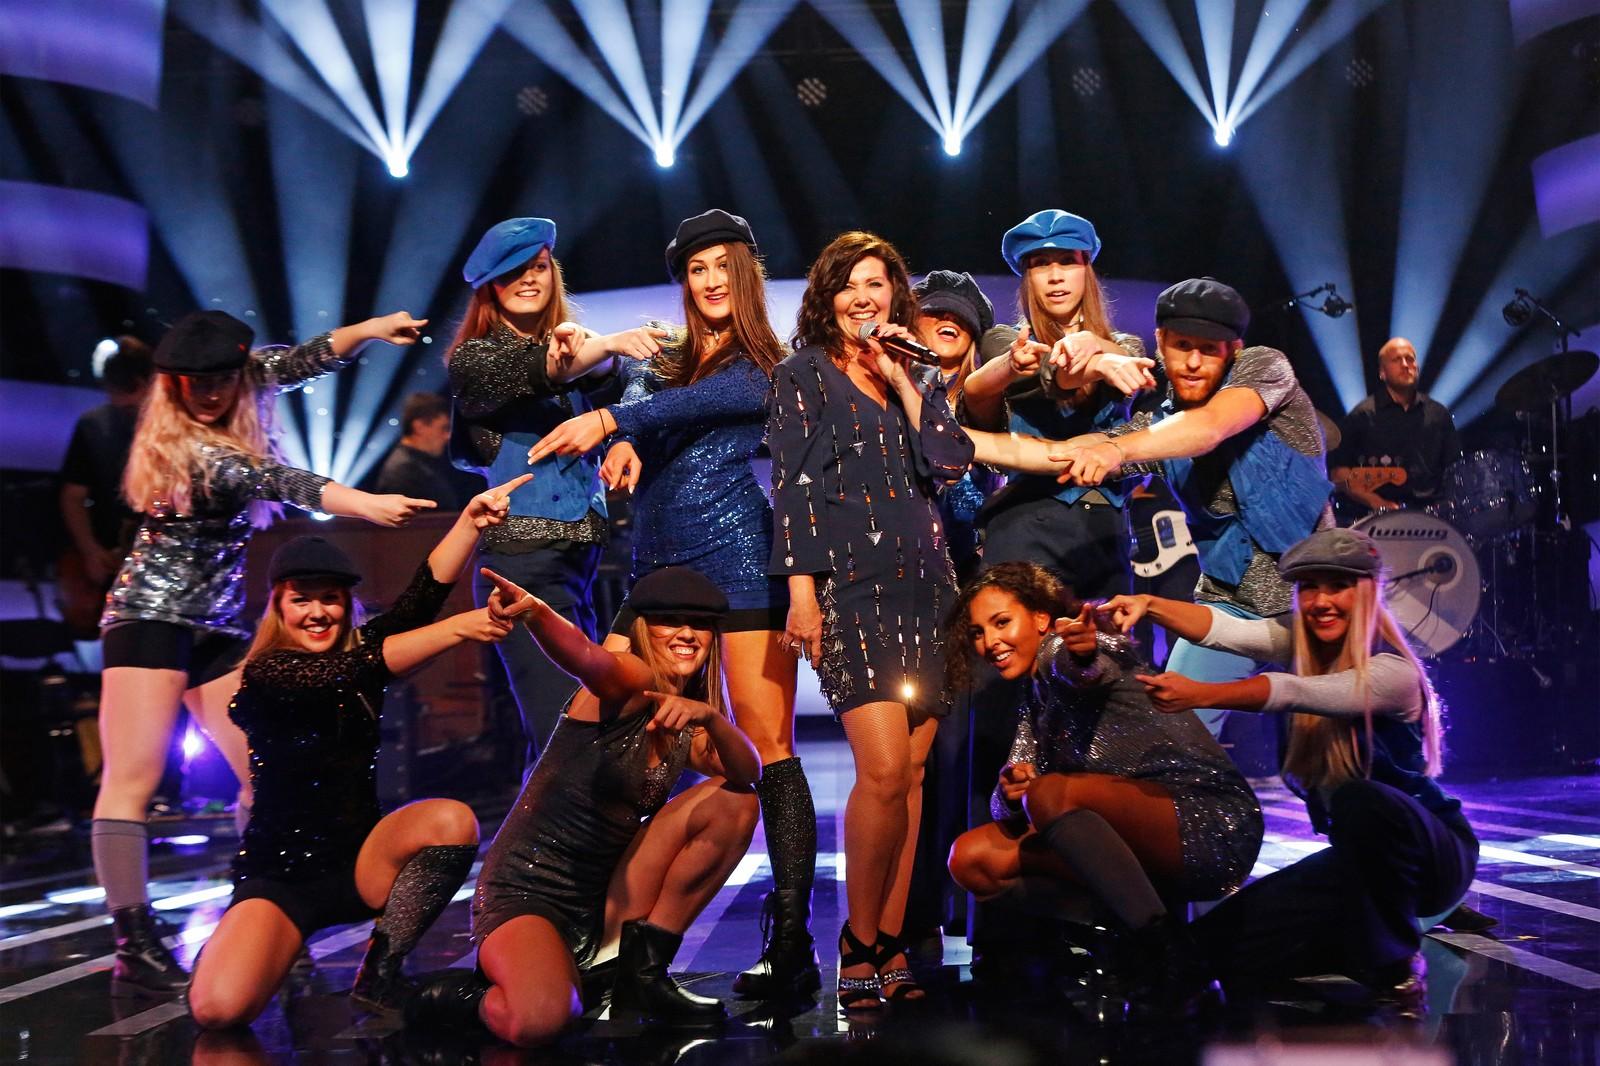 Kate Gulbrandsen med danserne sang musikk av The Jackson 5.